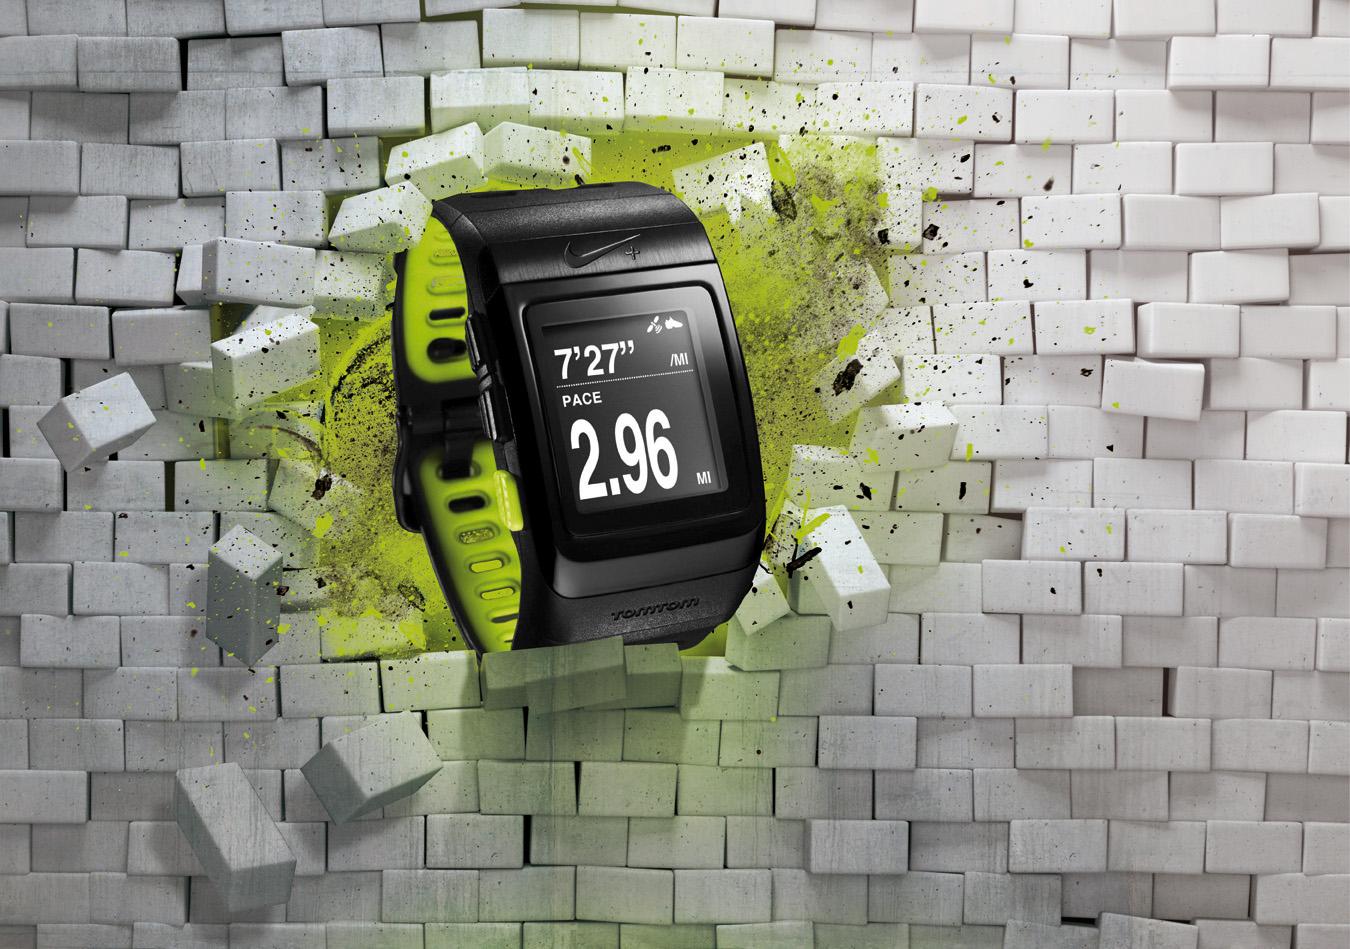 Opération magasin pour la sortie de la nouvelle montre Nike+ GPS by Tomtom